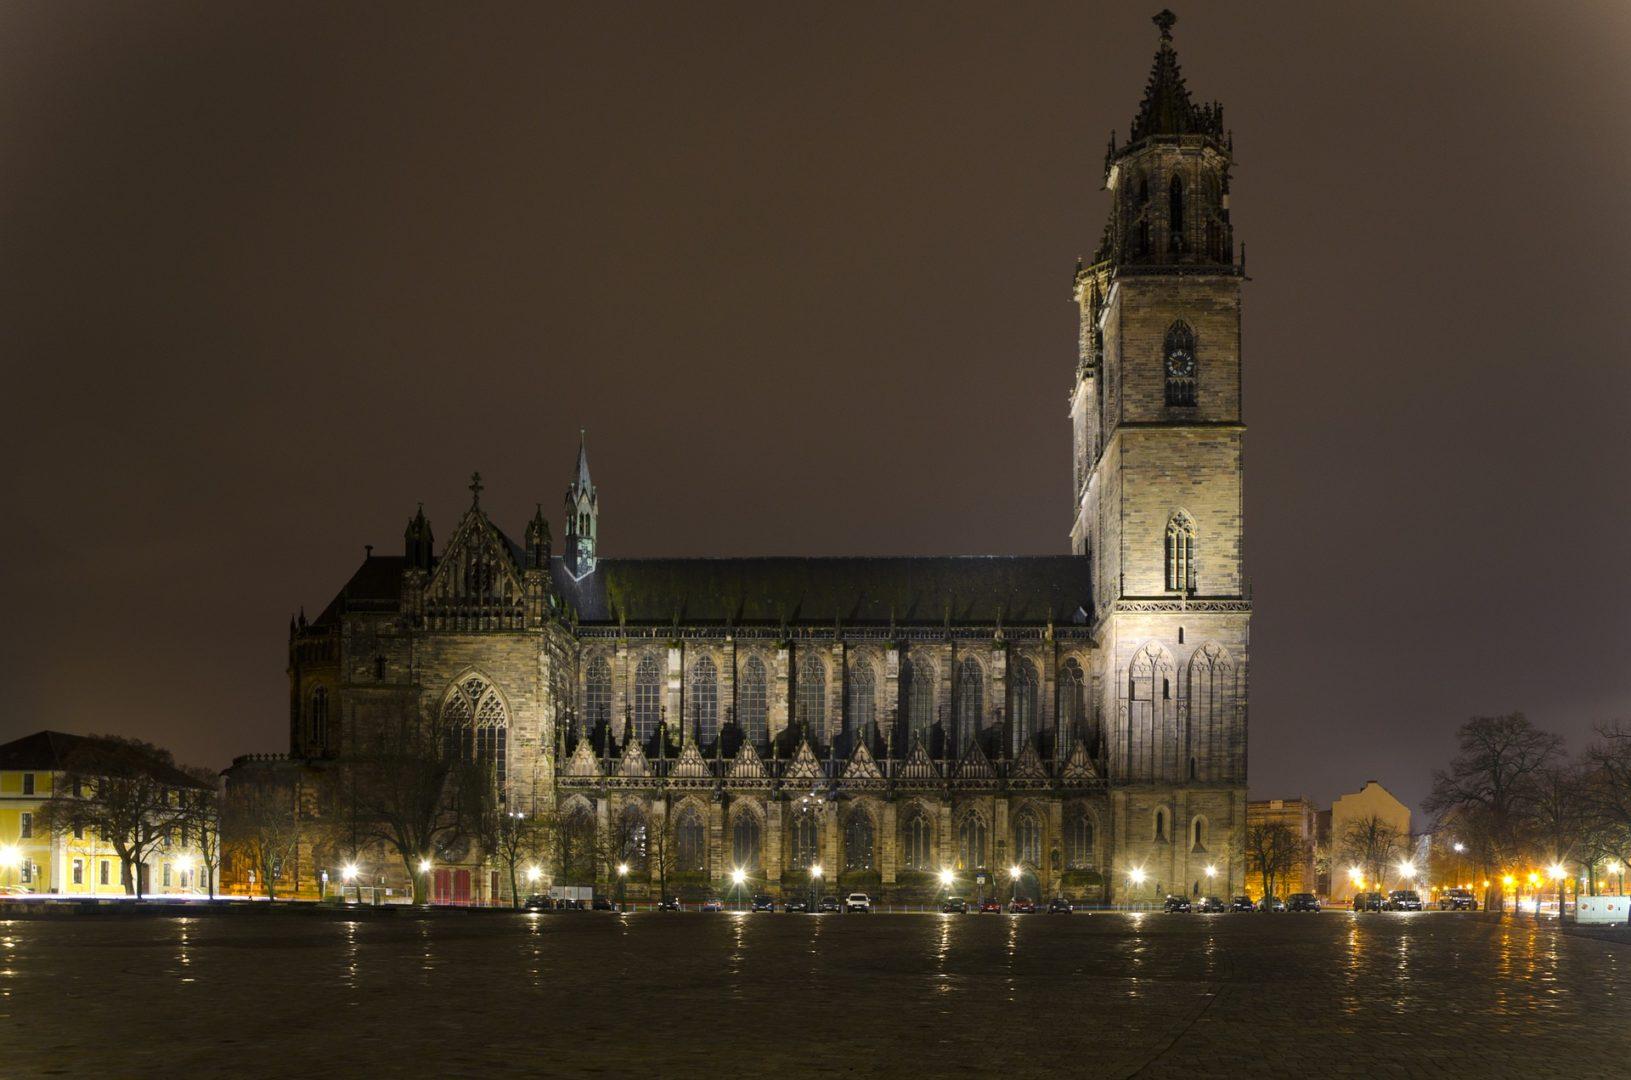 Der Magdeburger Dom bei Nacht. Er ist das Wahrzeichen der Stadt. Fotorechte: Pixaline.